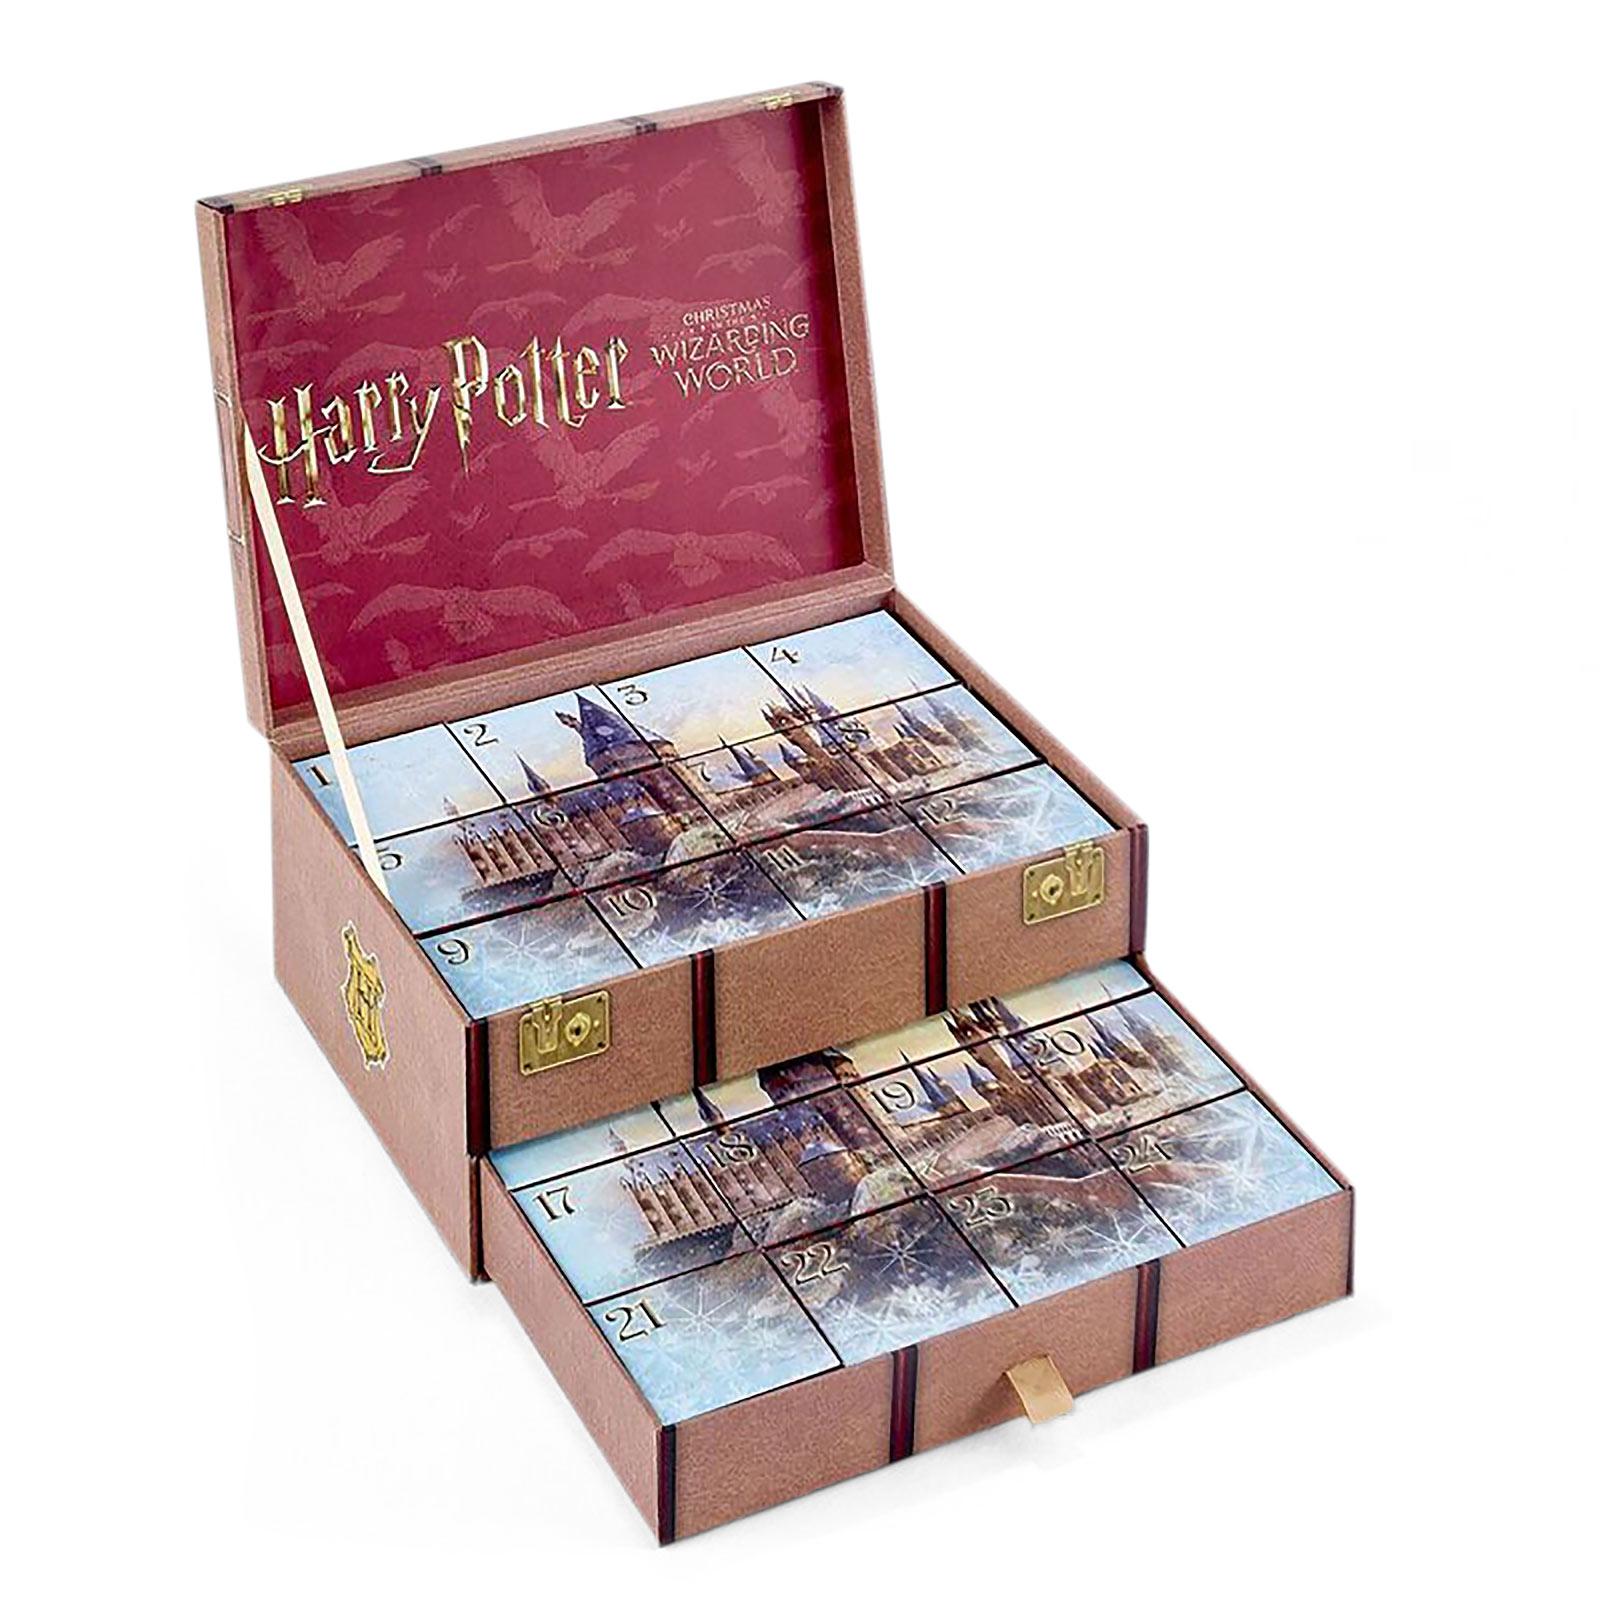 Harry Potter - Schmuck Adventskalender in Geschenkbox